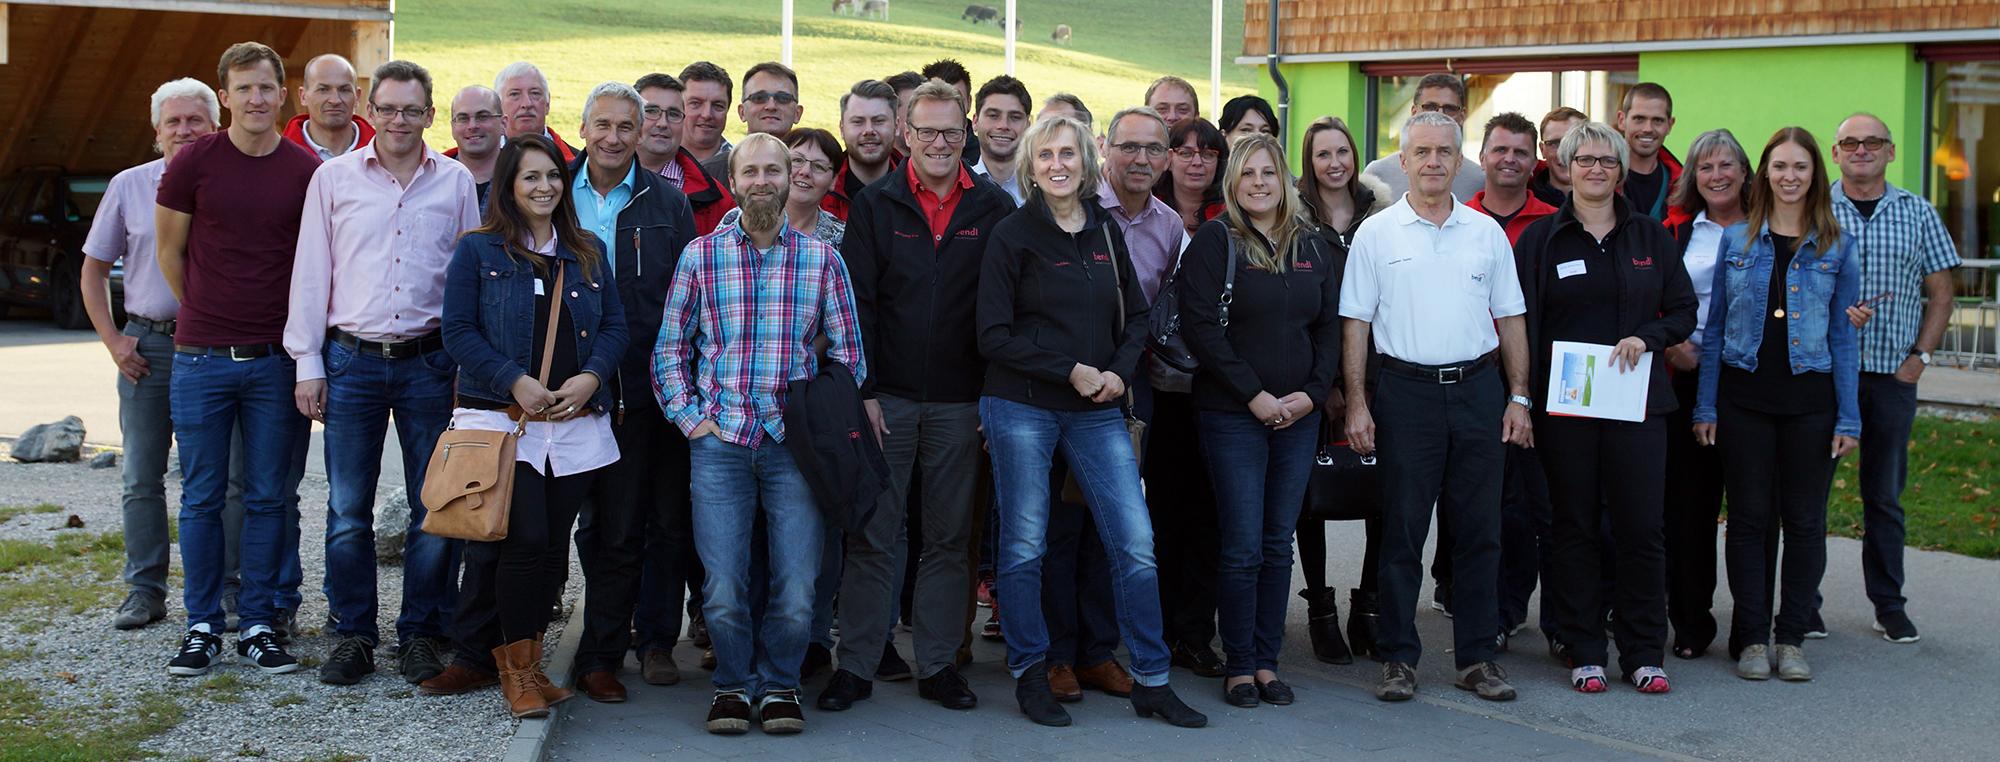 Bauunternehmen bendl aus Günzburg beim Büroseminar 2017 zum Thema